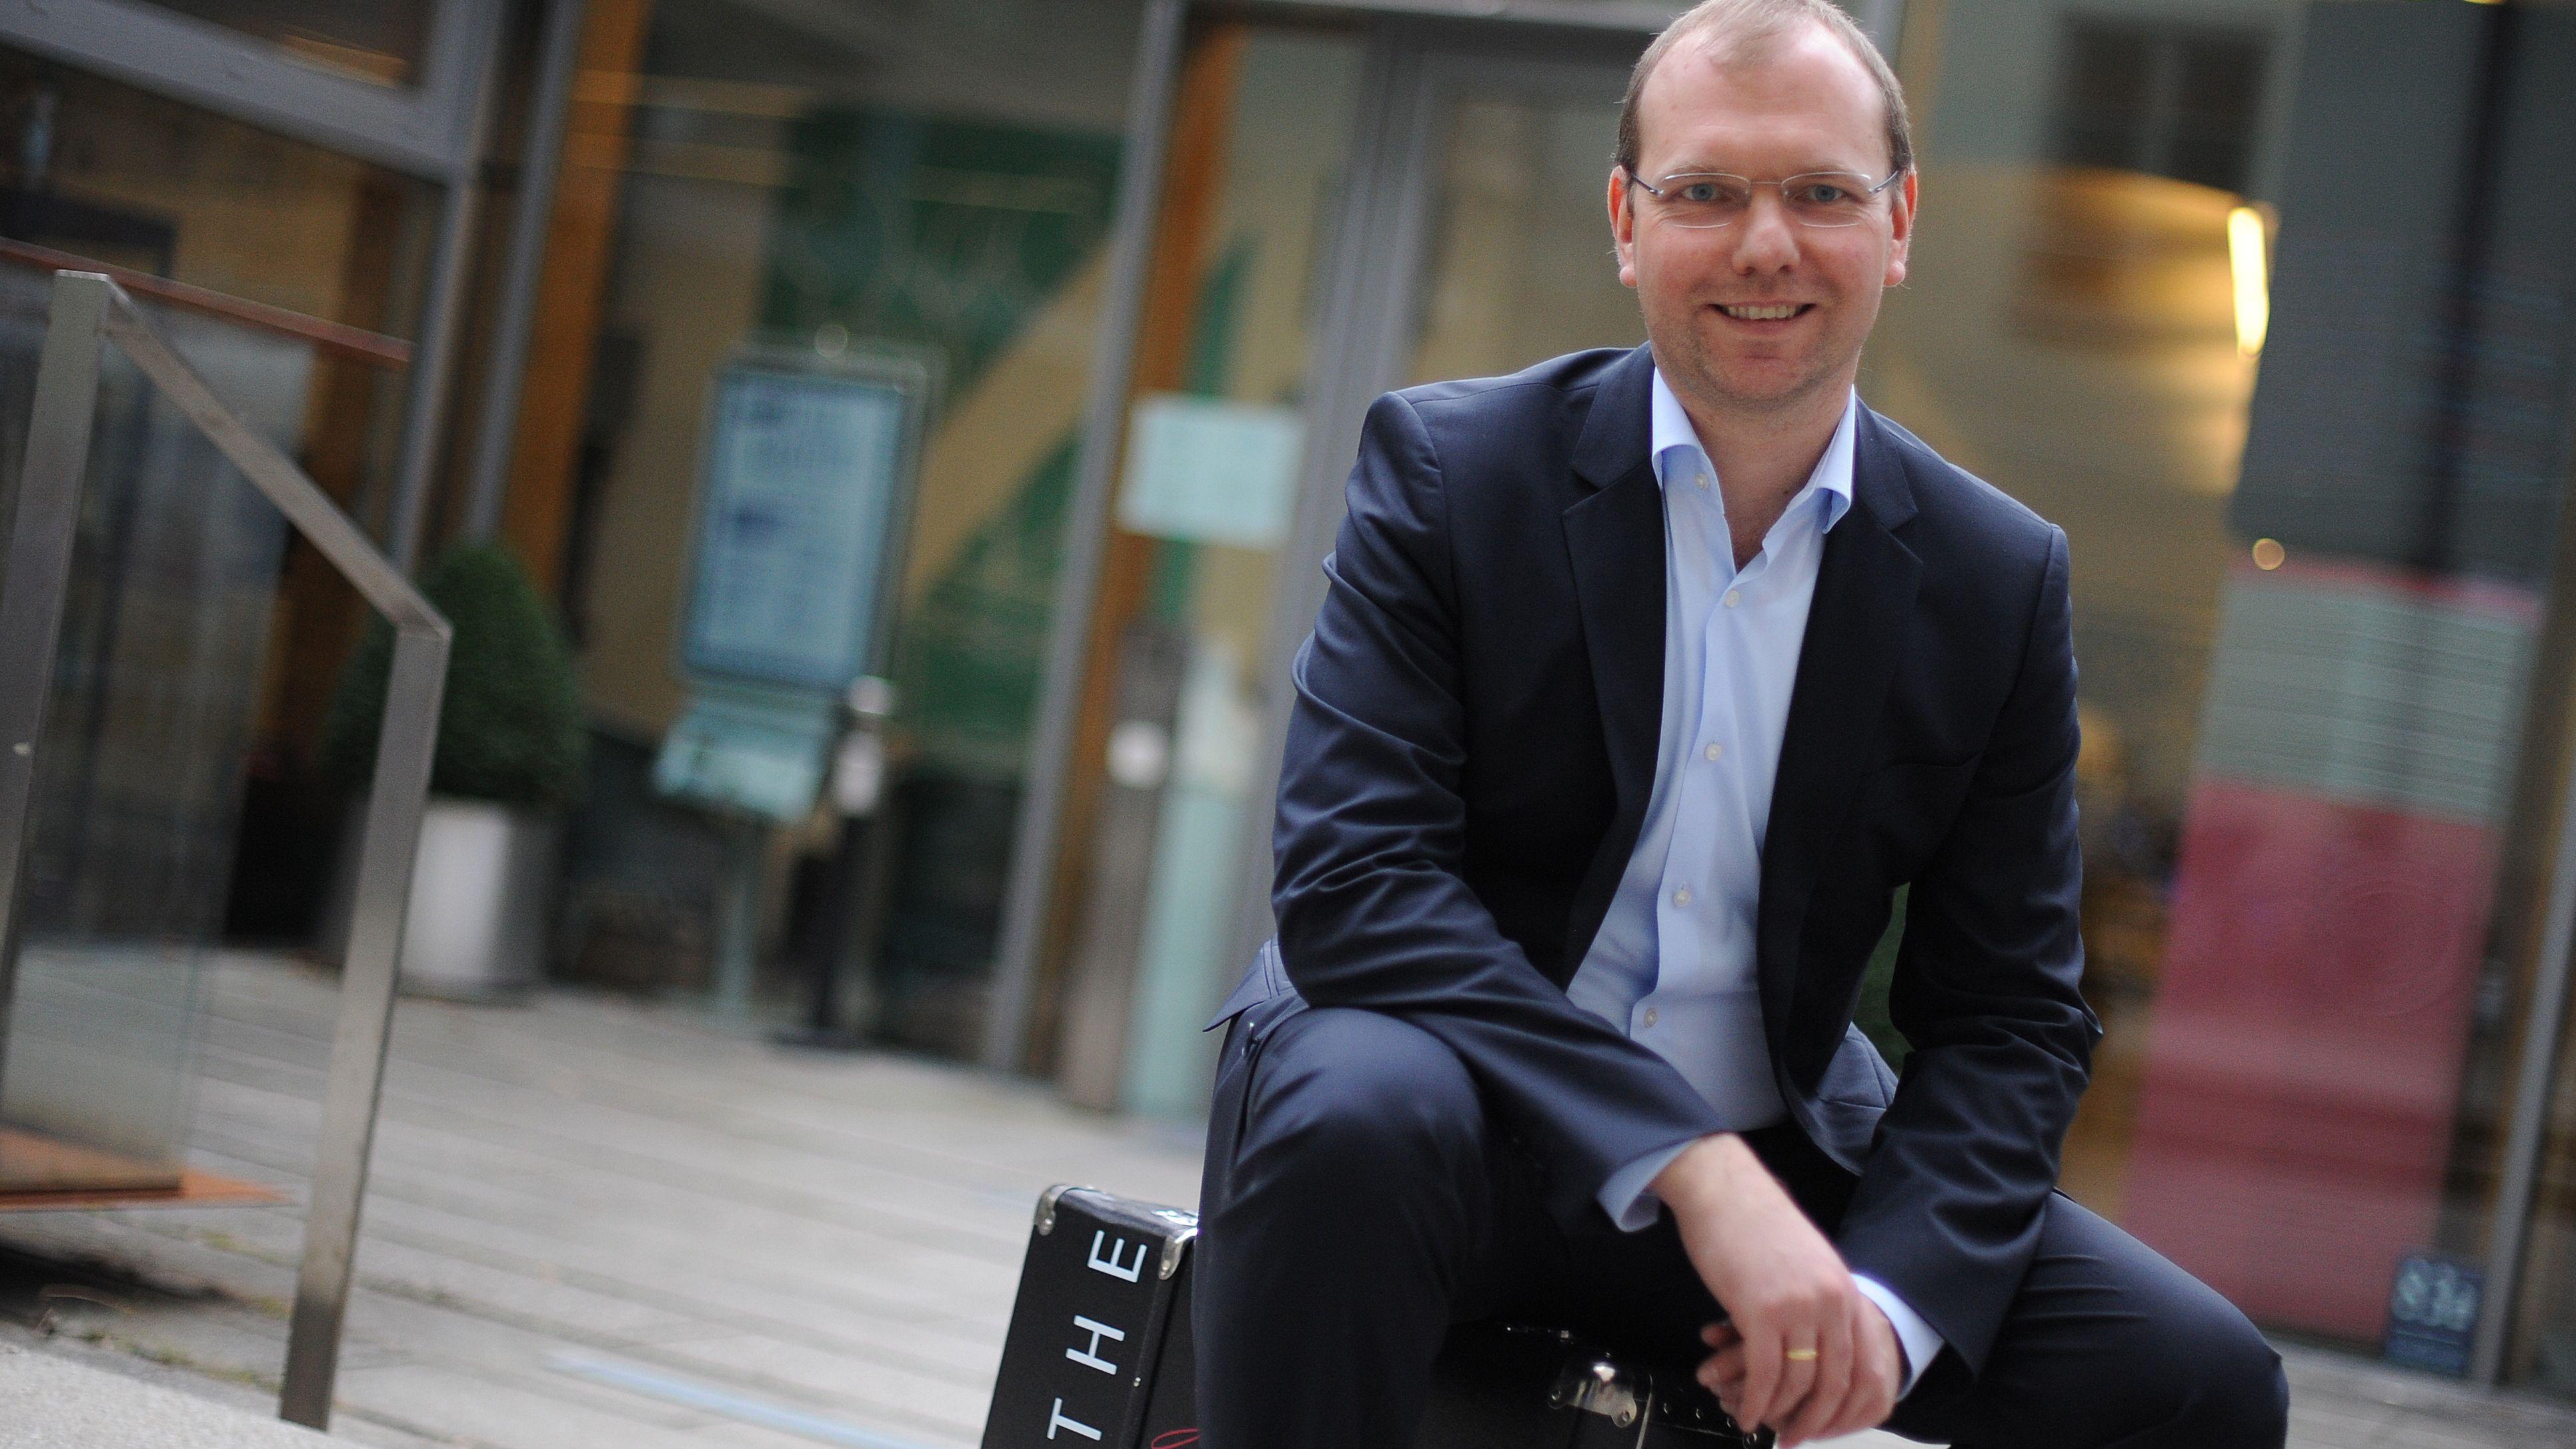 Holger Pils, Geschäftsführer der Stiftung Lyrik Kabinett sitzt in einem Innenhof auf einem Koffer